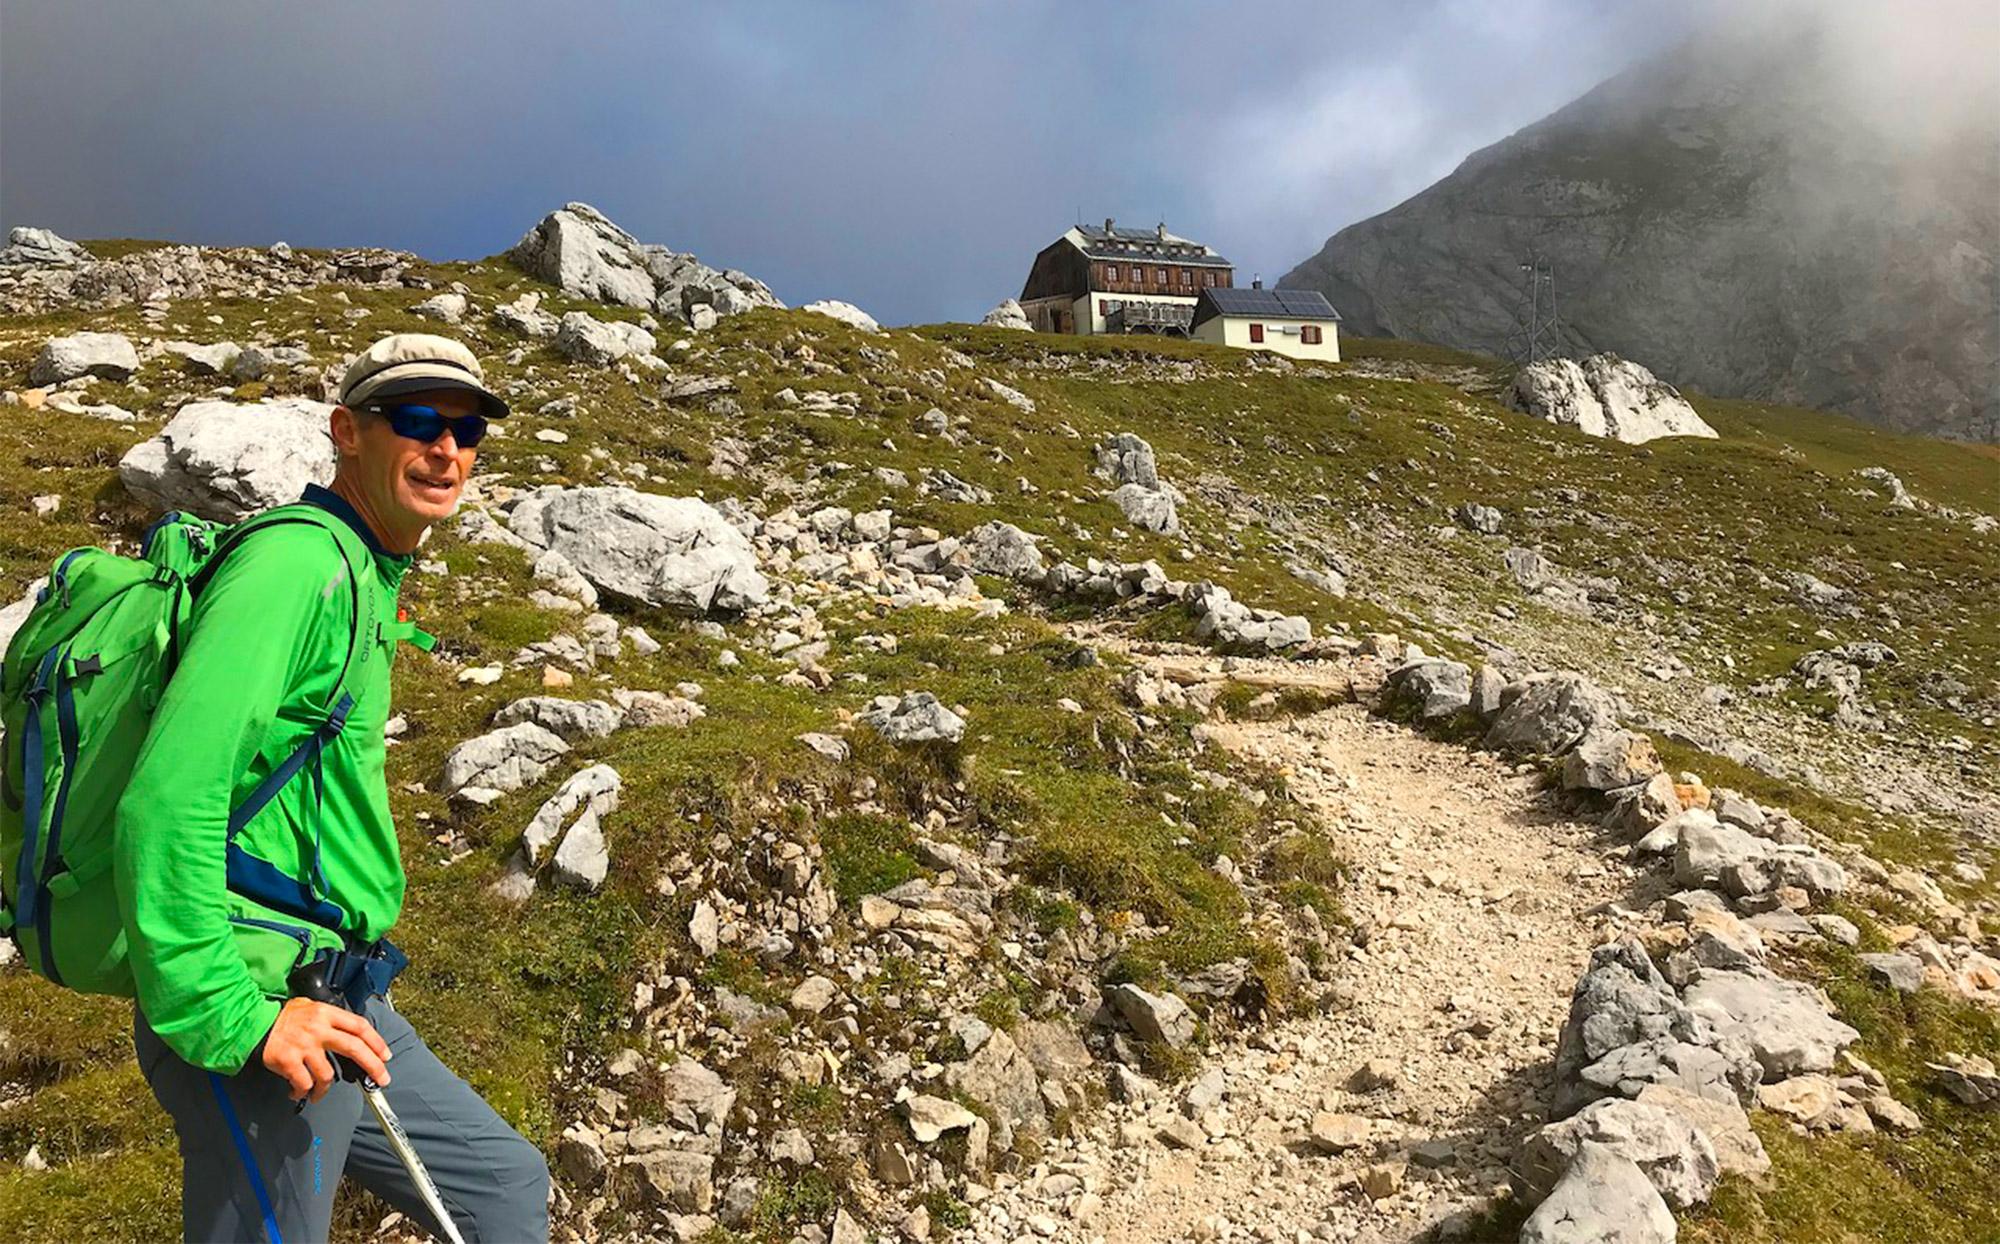 Klaus bei einer Wanderung durch die schöne Umgebung